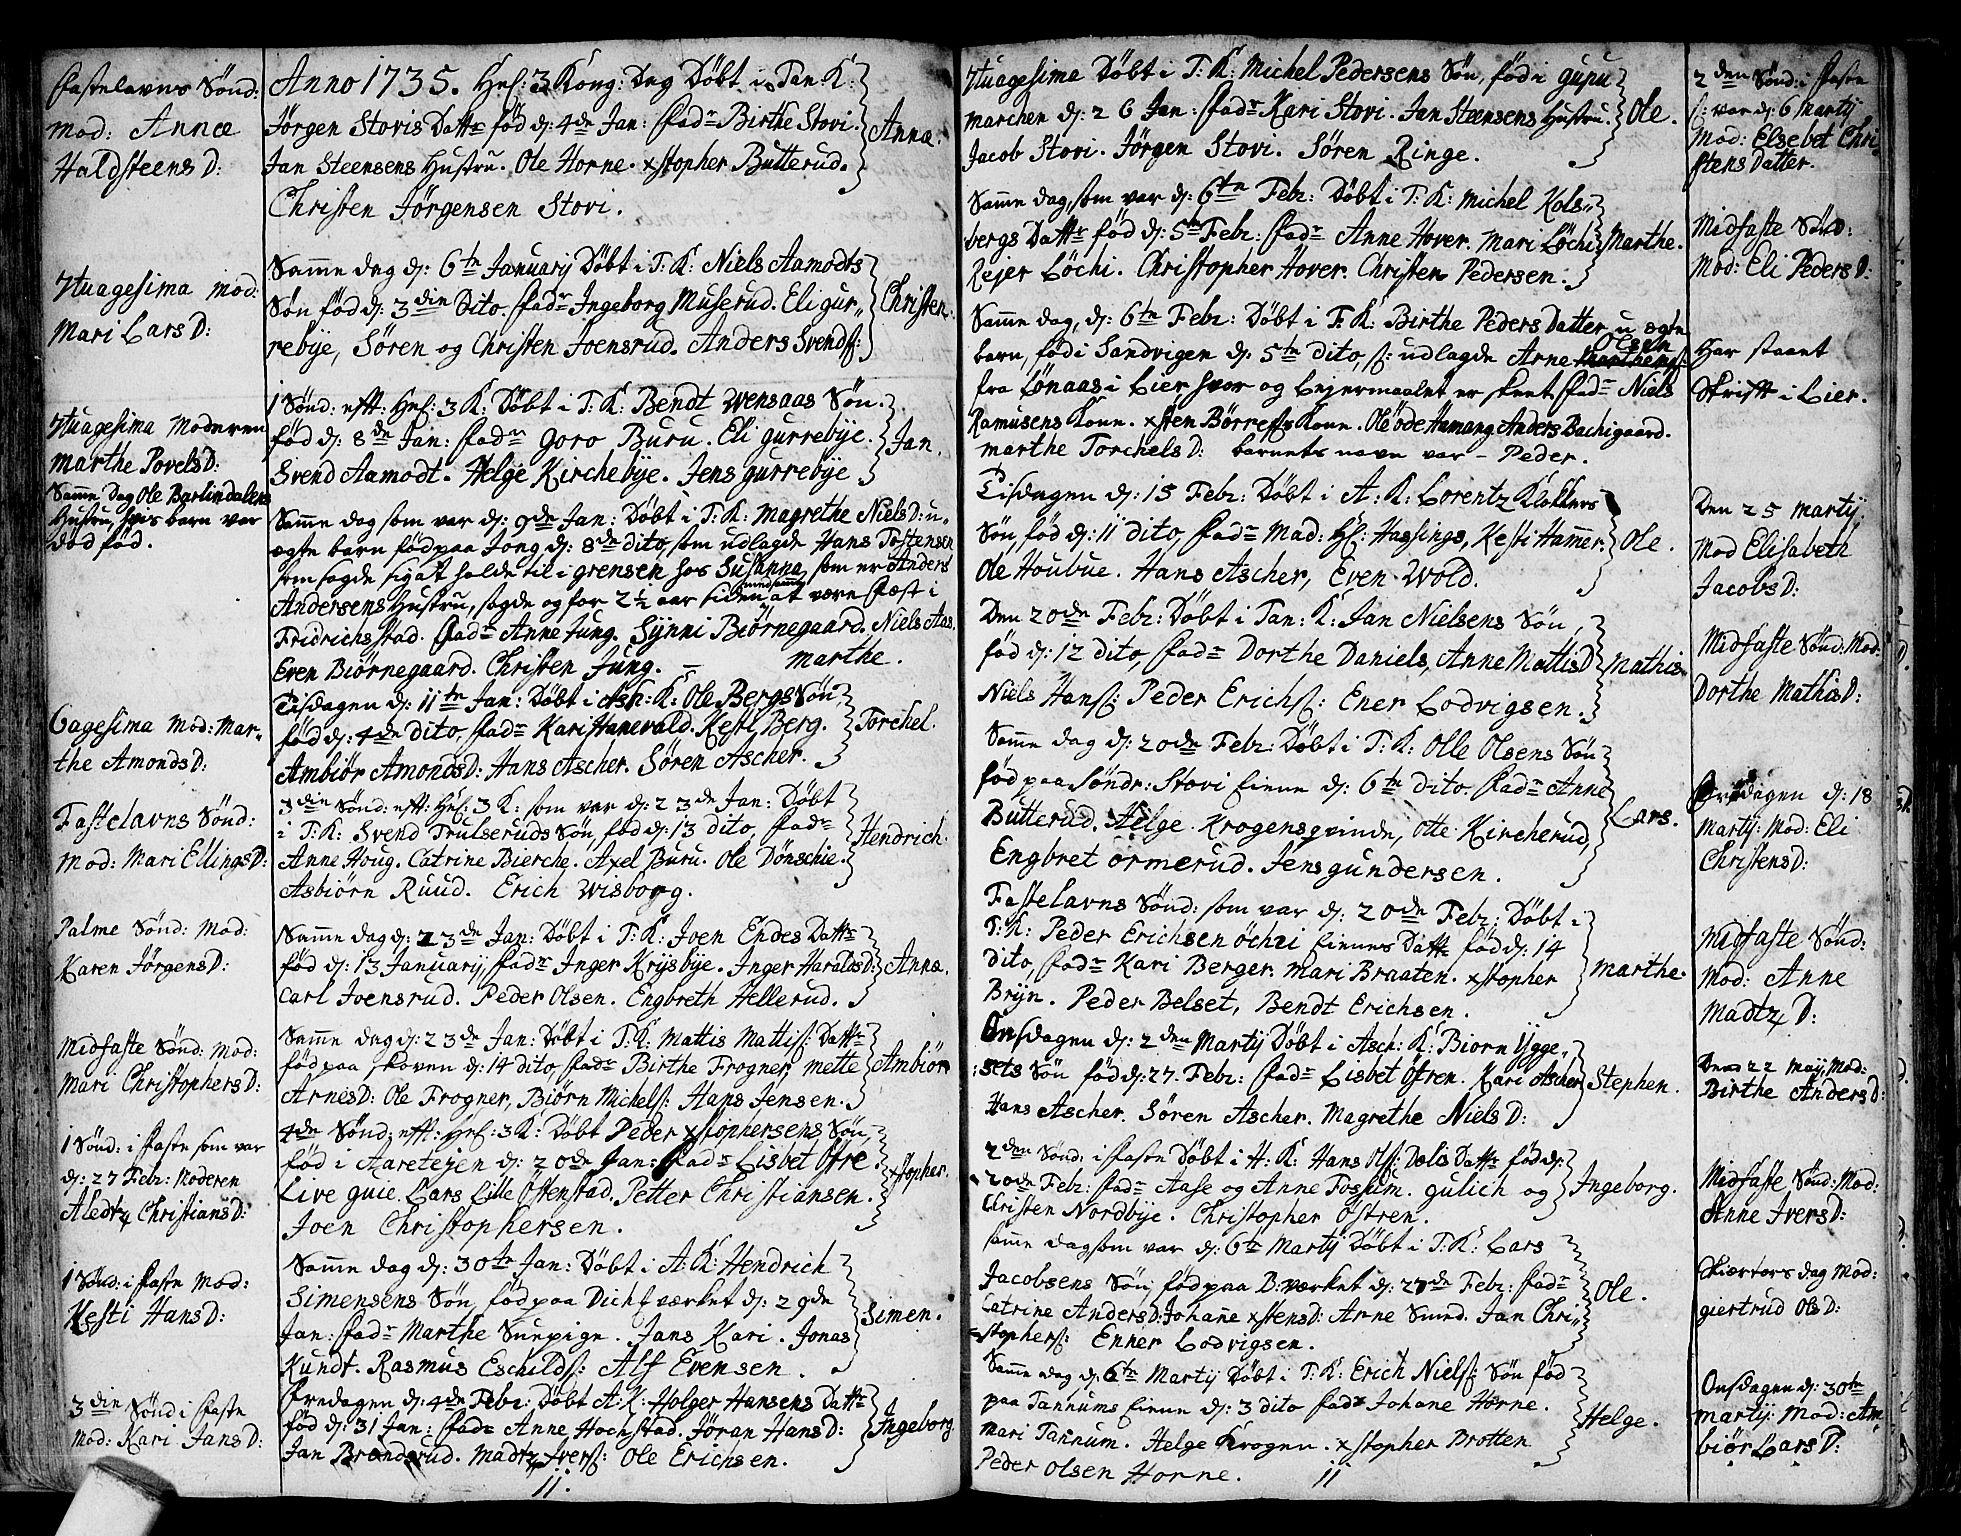 SAO, Asker prestekontor Kirkebøker, F/Fa/L0001: Ministerialbok nr. I 1, 1726-1744, s. 35